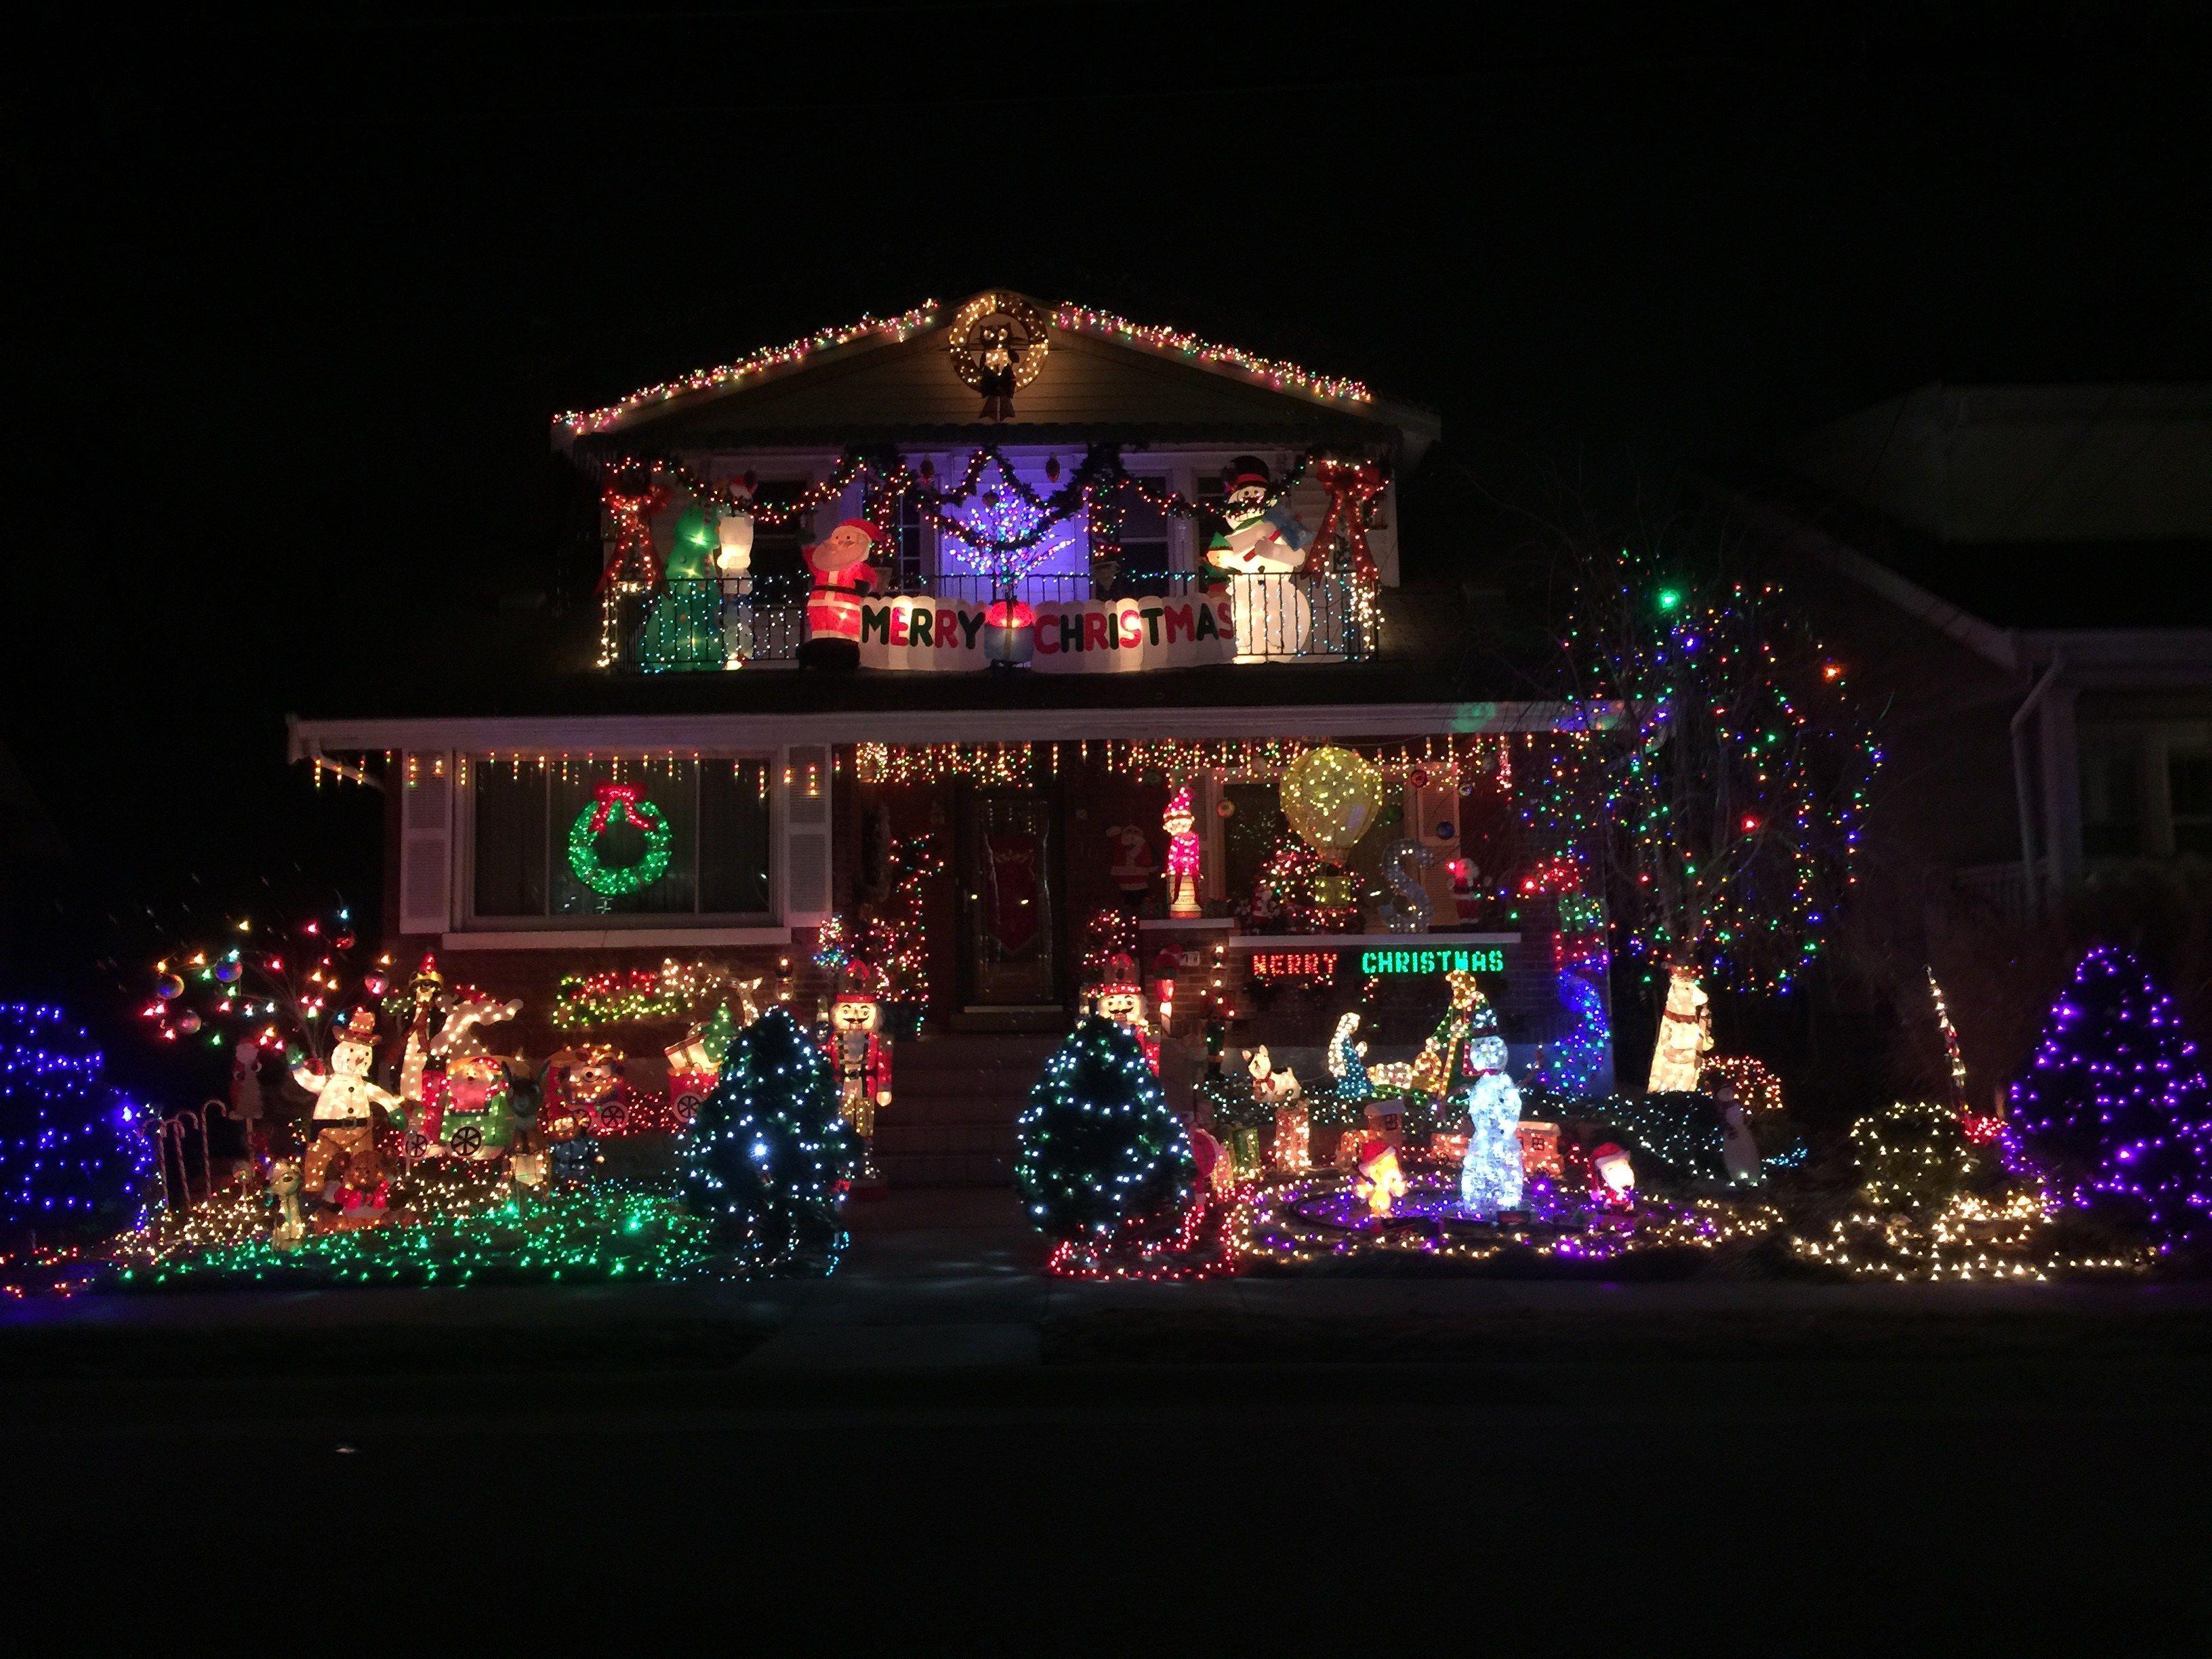 Fort Wright Christmas Lights Display Christmas Light Installation Christmas Lights Christmas Light Displays